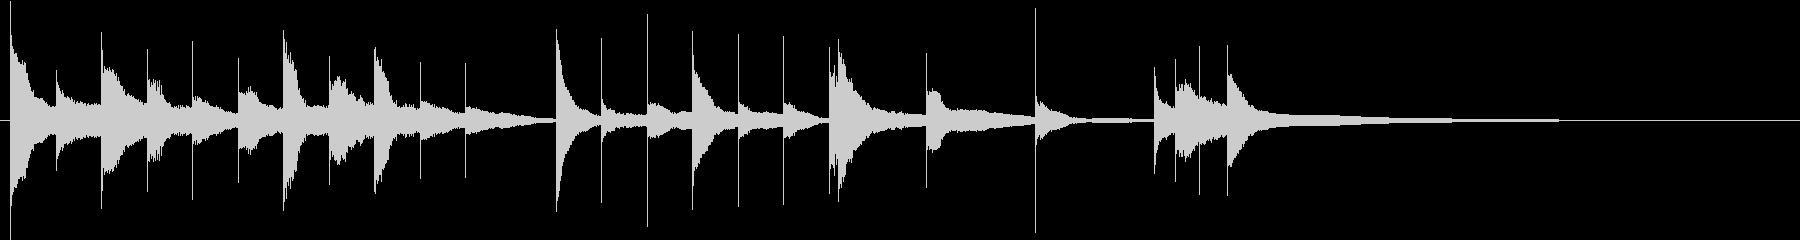 オープニング(グロッケンのジングル)の未再生の波形